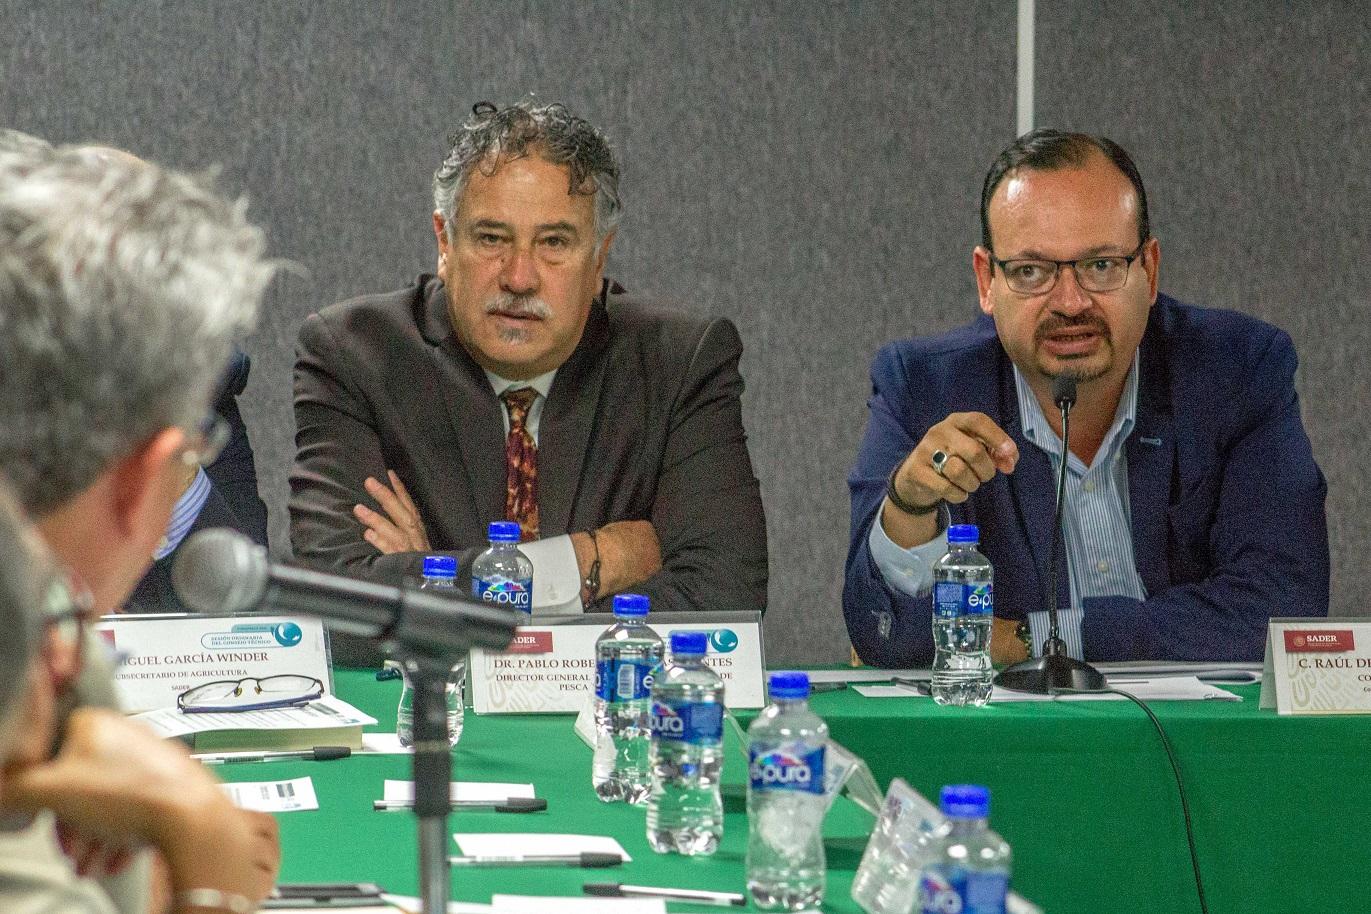 Presenta Conapesca 11 acciones para combatir rezago social en comunidades costeras ribereñas del país